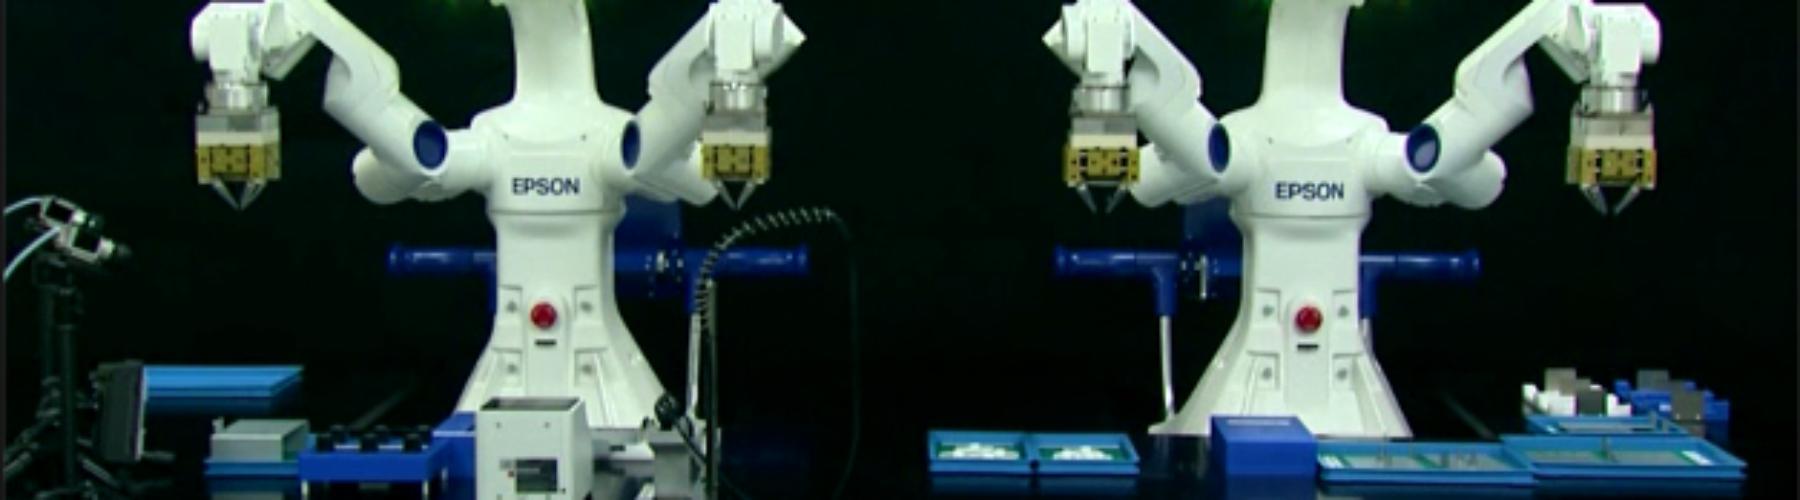 Robot Autónomo de 2 braços: Ver, Sentir, Pensar e Reagir